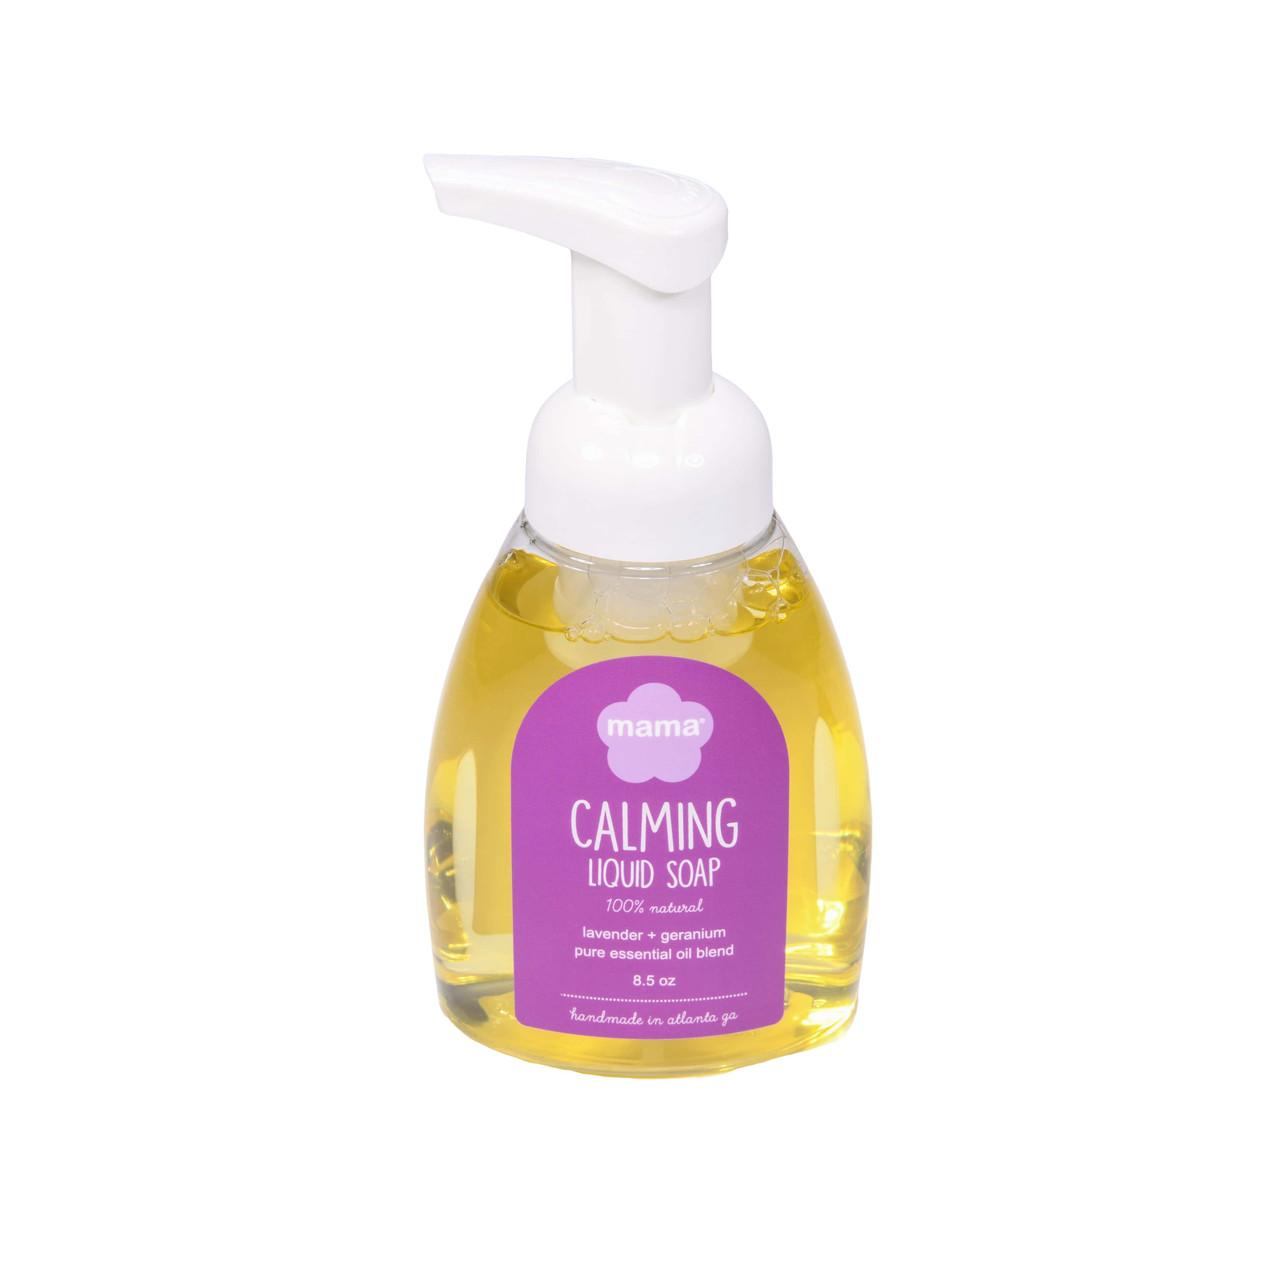 Calming (Lavender + Geranium) Liquid Soap | Mama Bath + Body